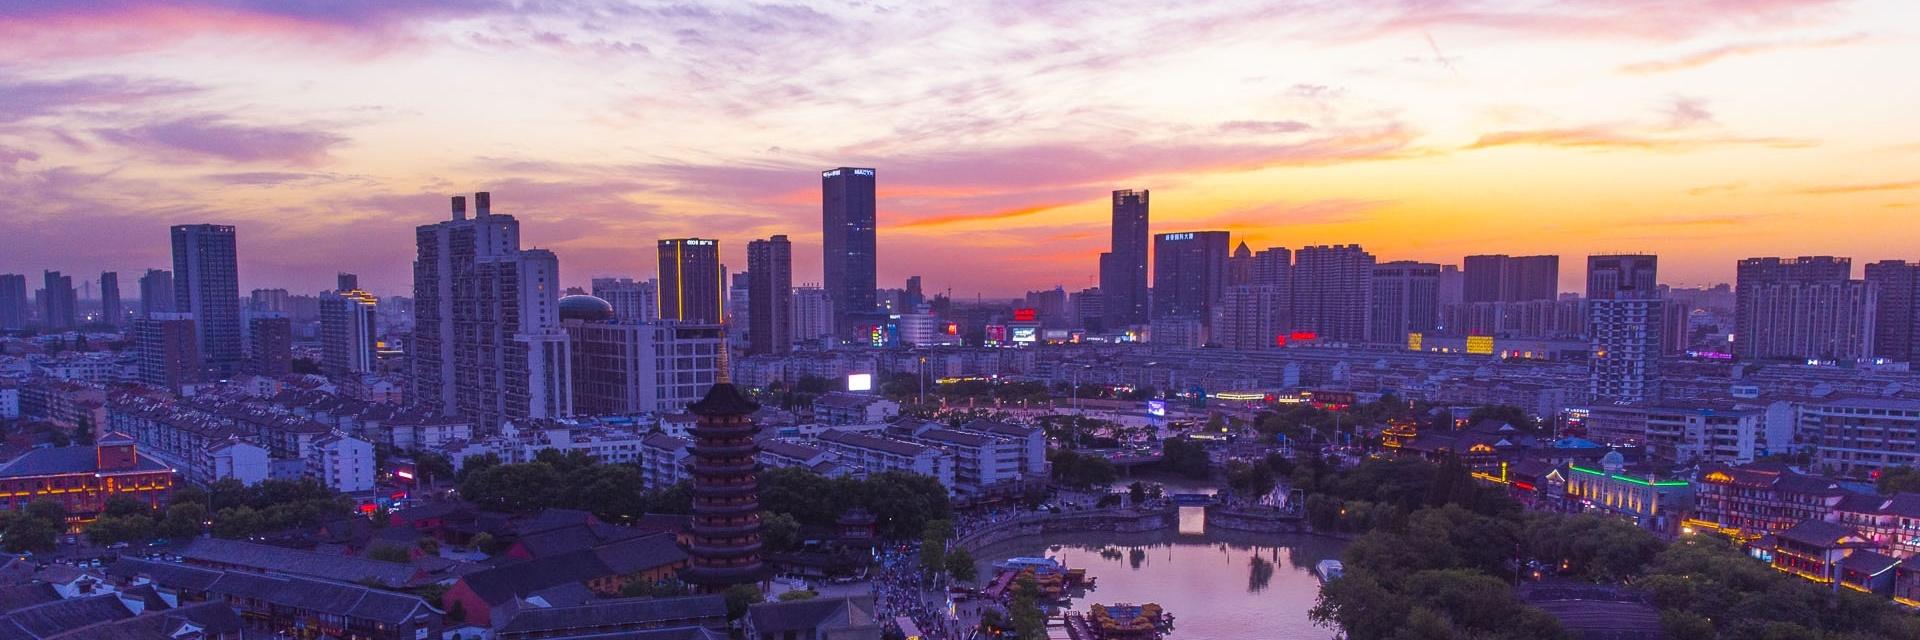 运河三千里,醉美是淮安,感受这座城市非遗文化的魅力